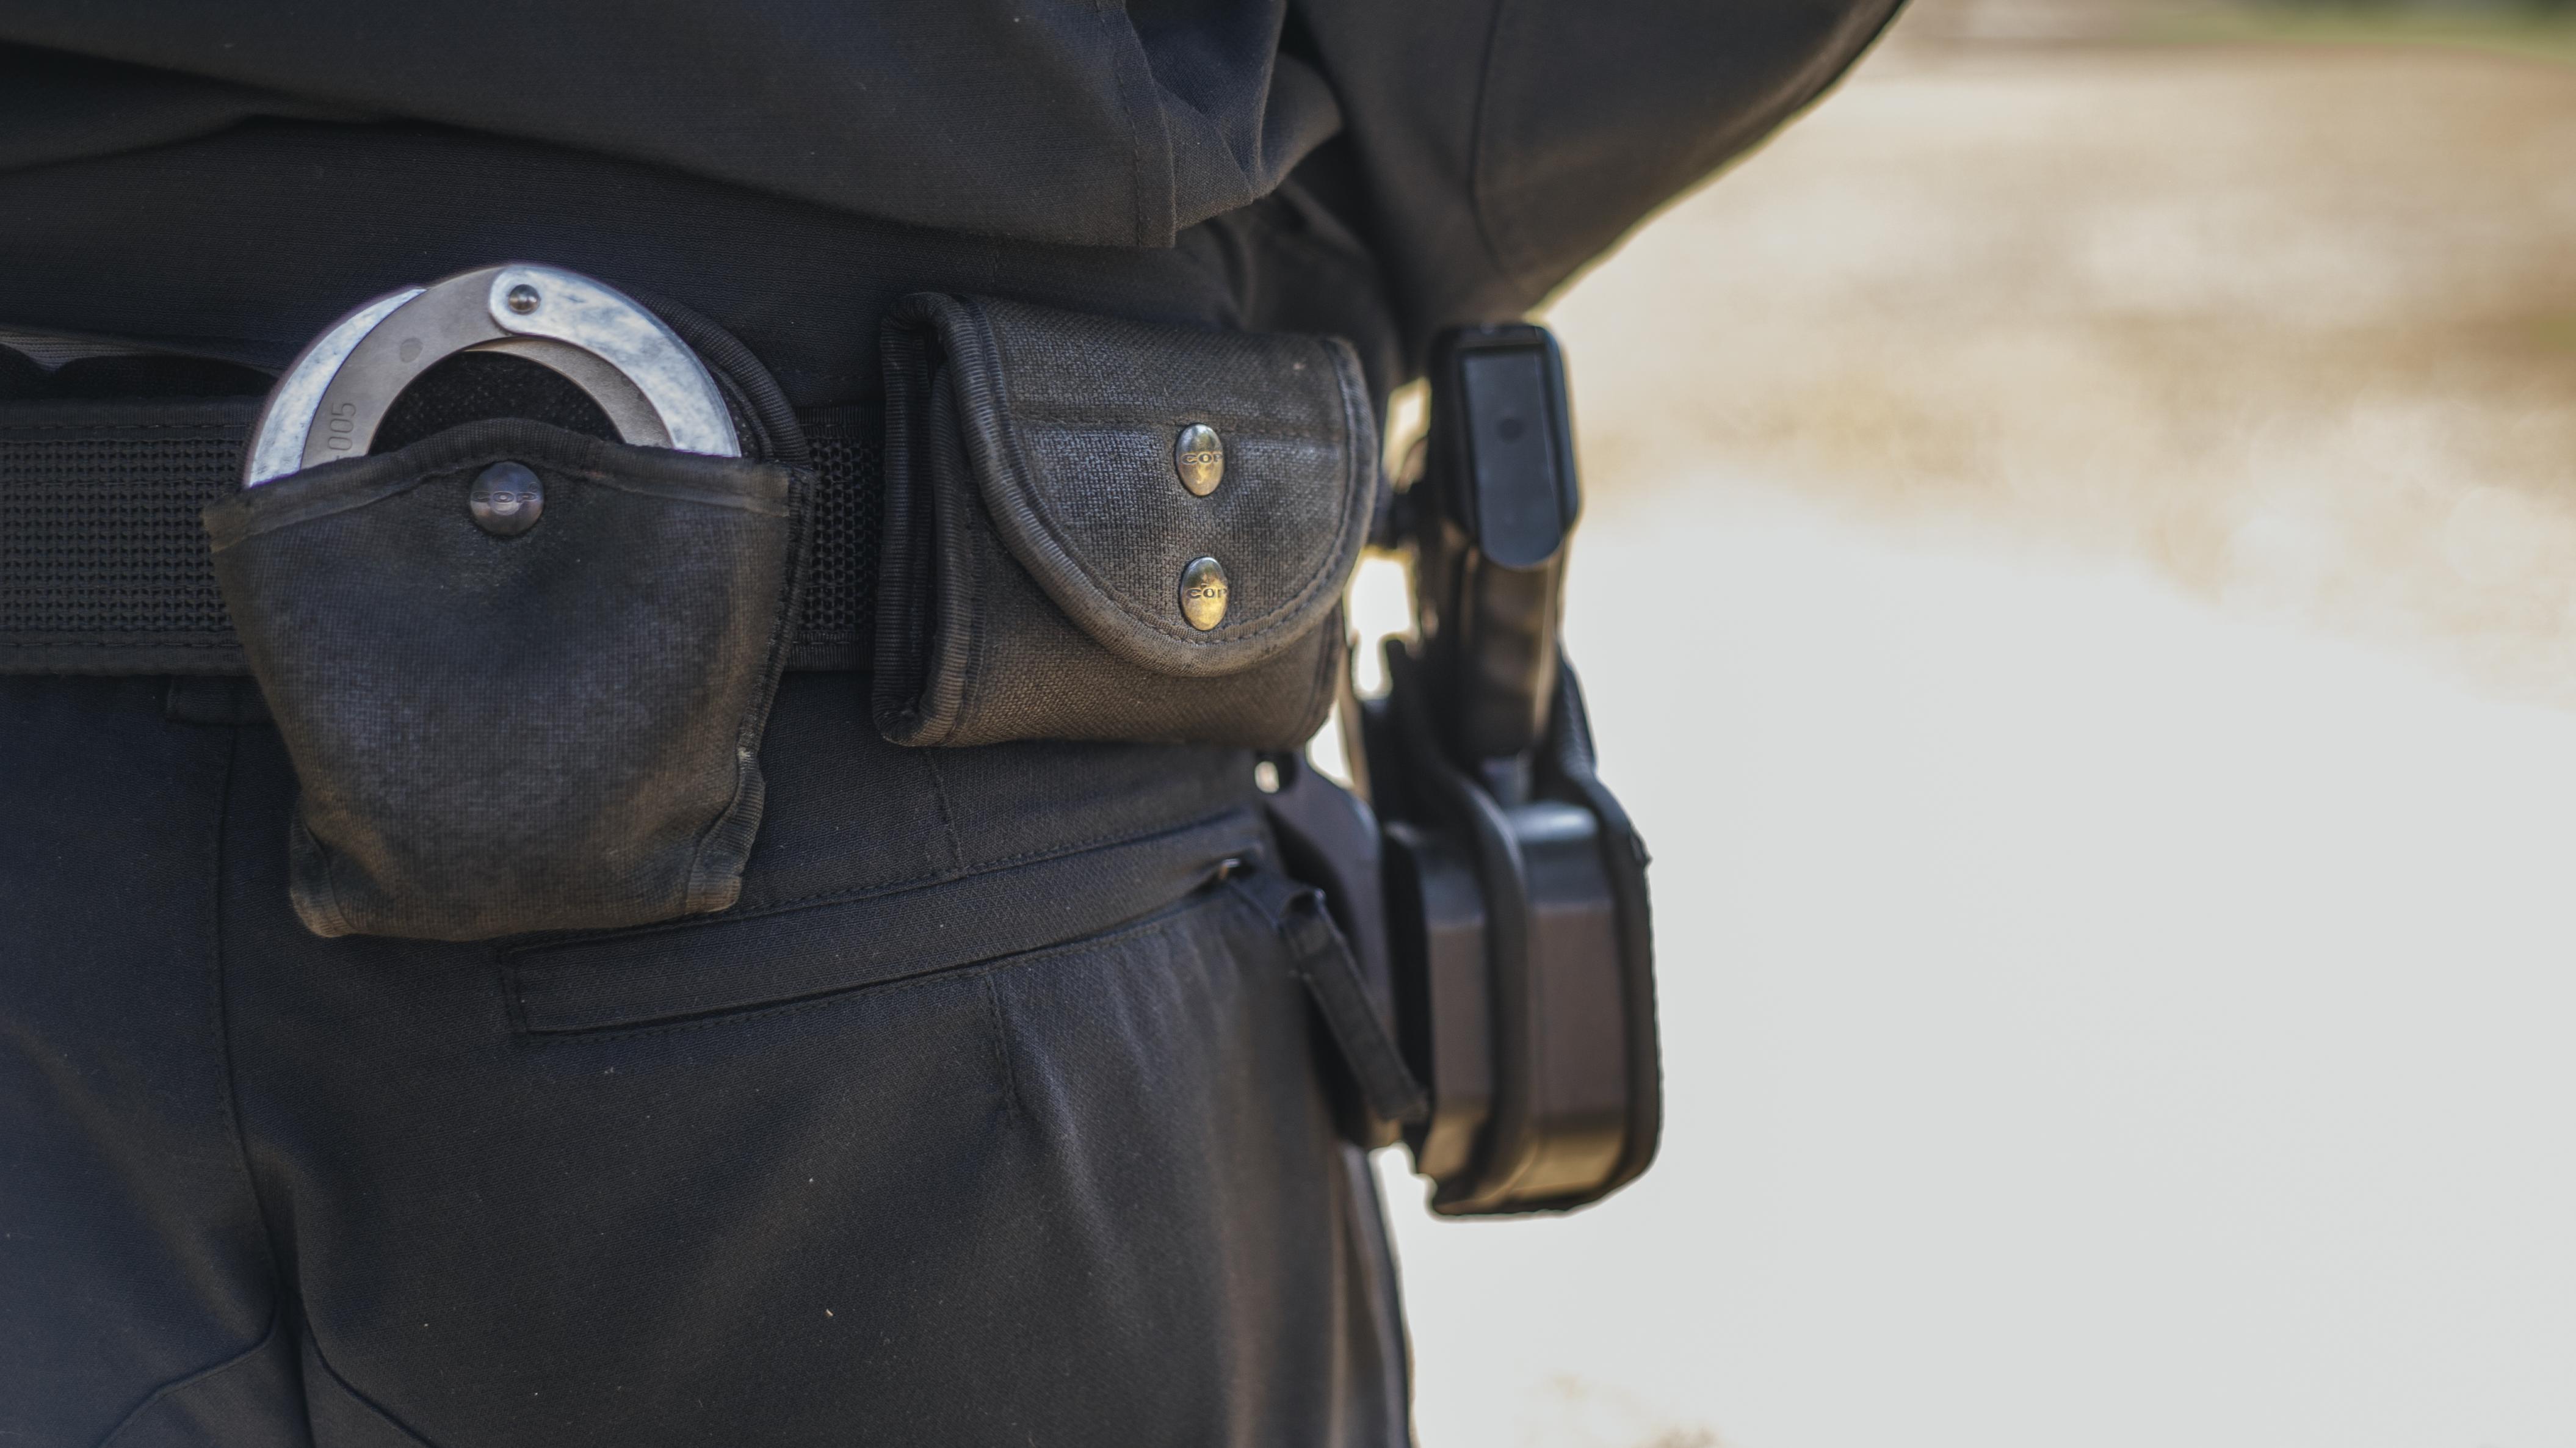 Polizist von hinten mit Dienstwaffe und Handschellen